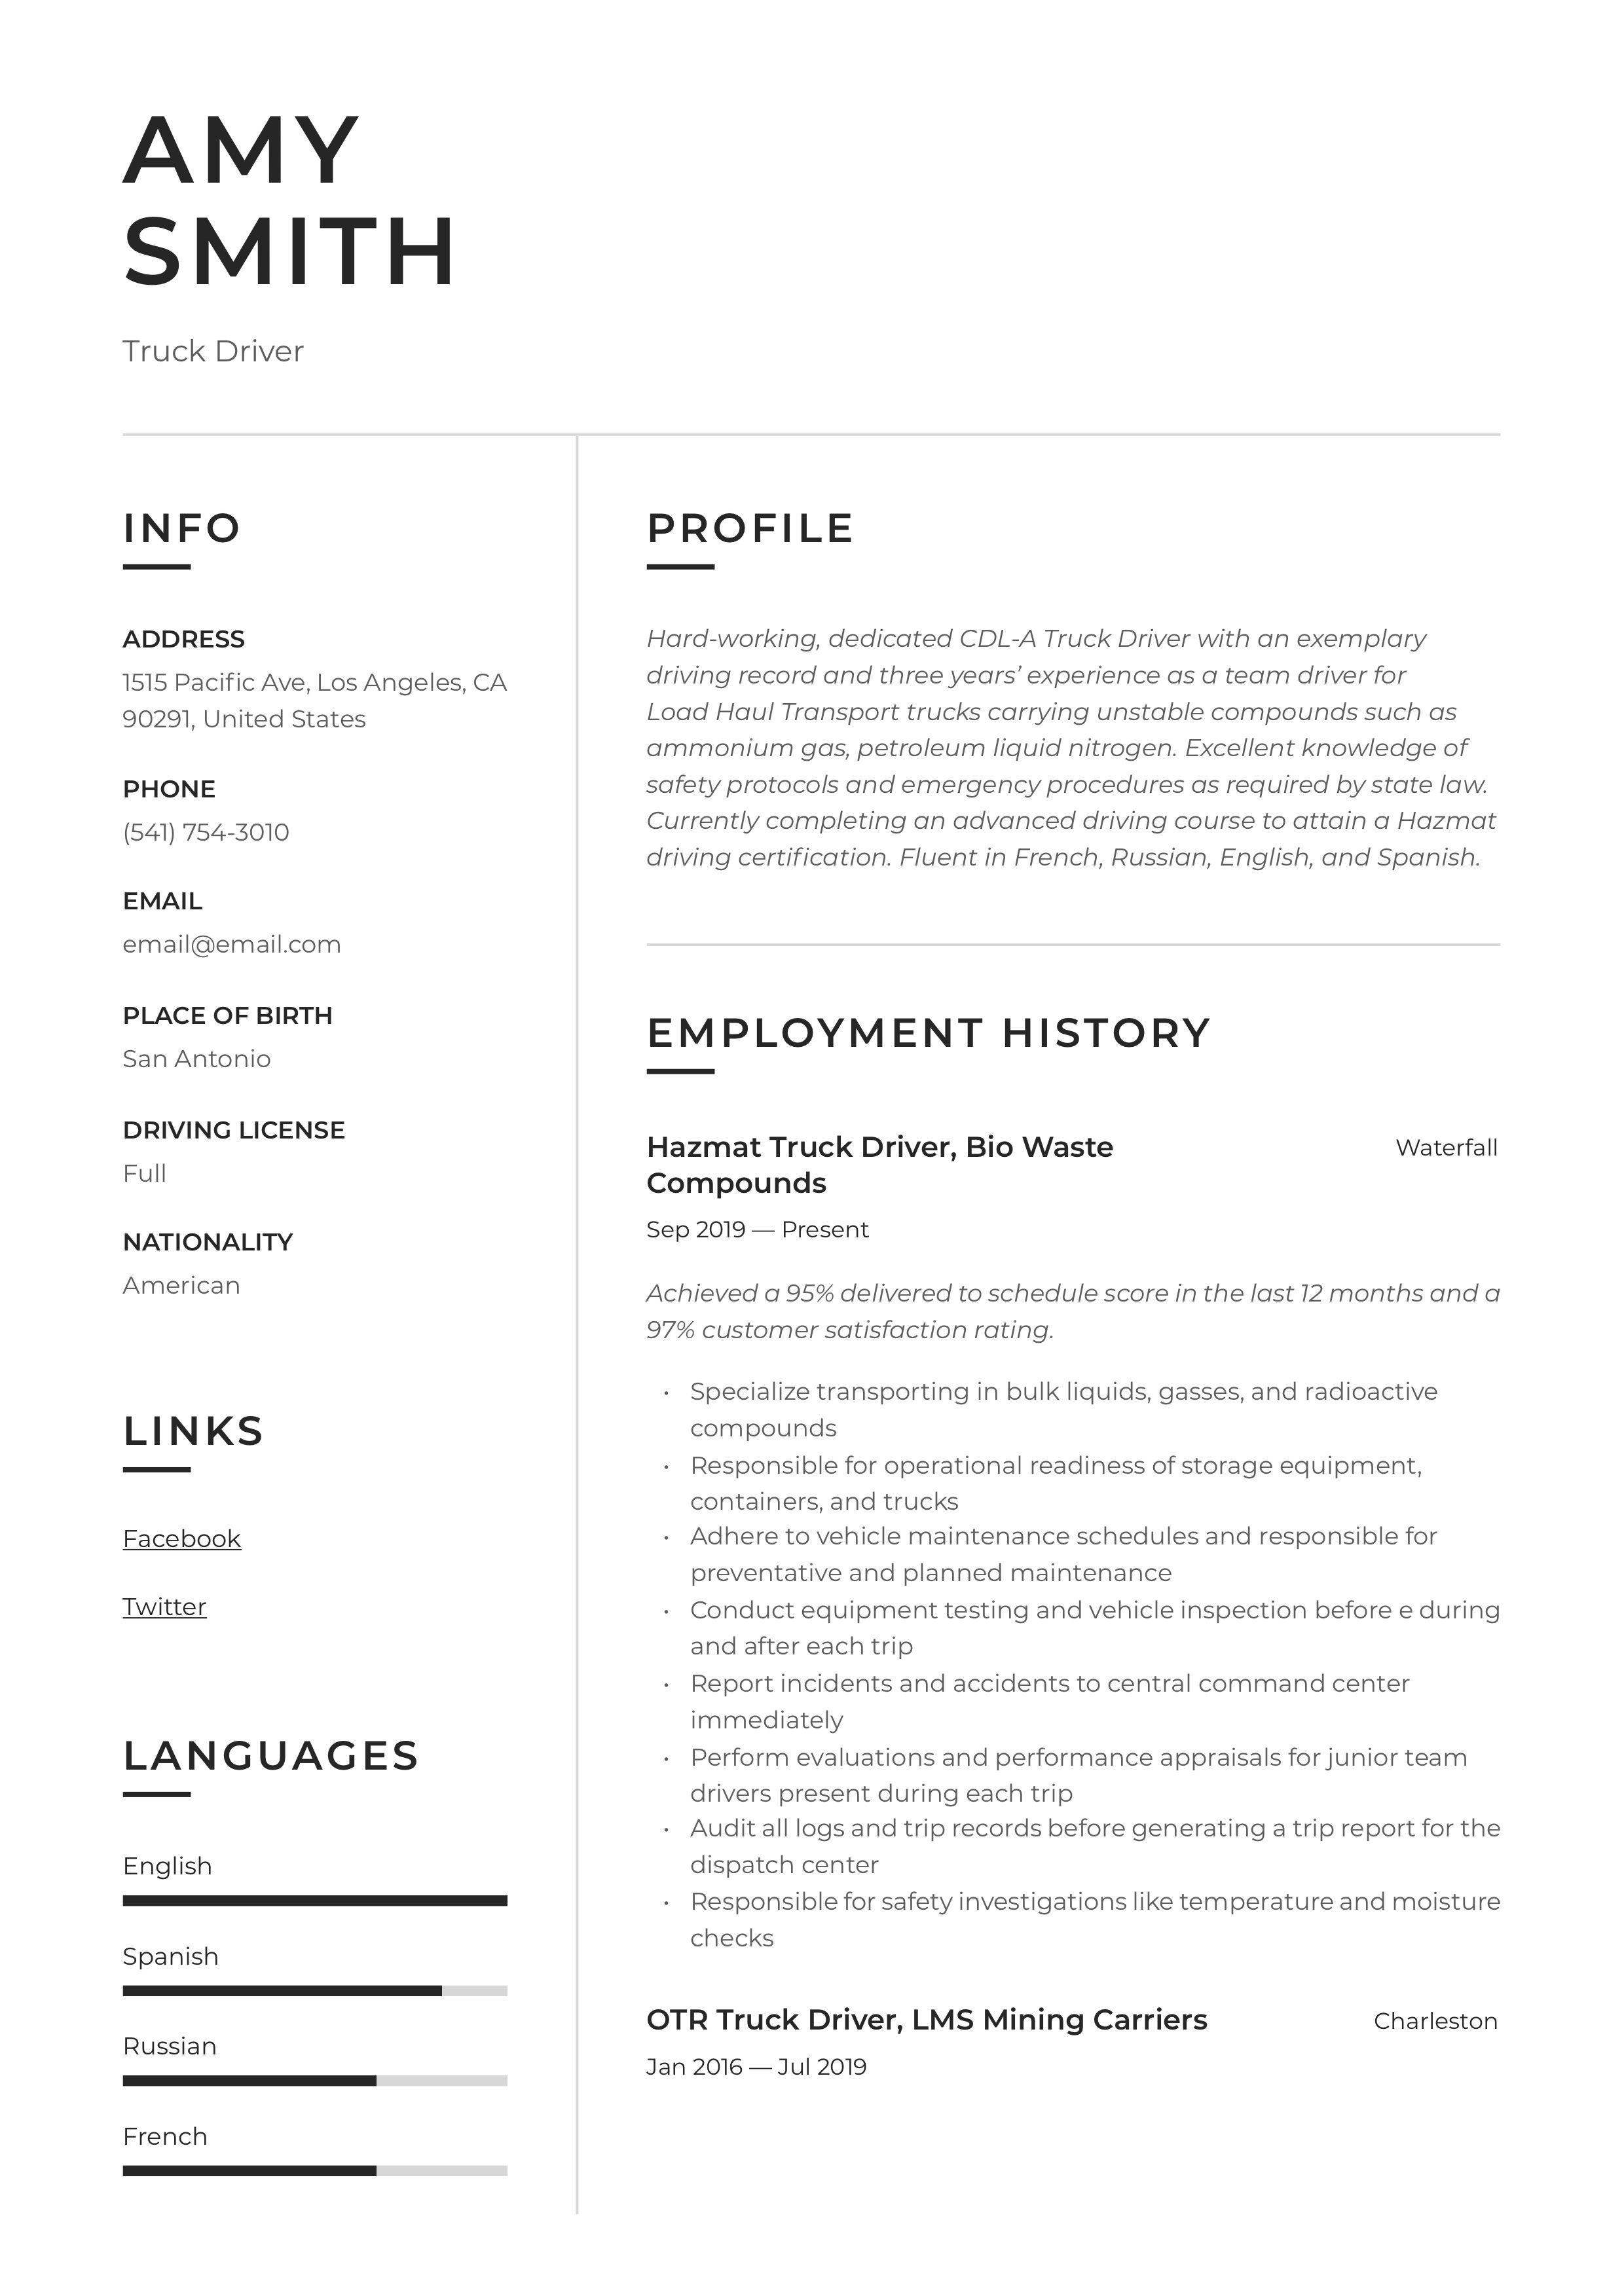 Truck driver resume sample in 2020 resume resume